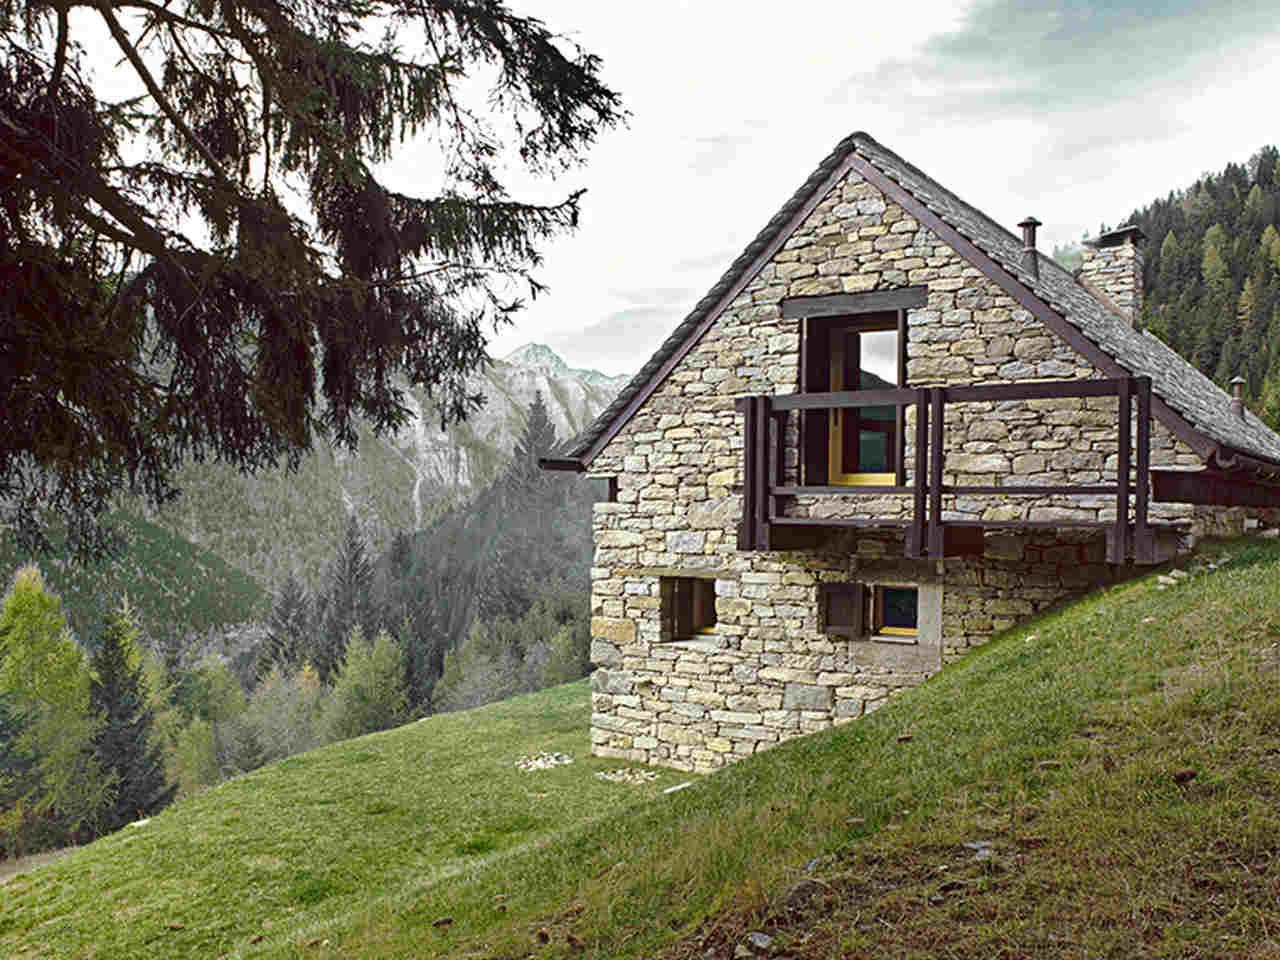 Doğanın içinde yazlık ev modelleri arasında sıralanan taş ev